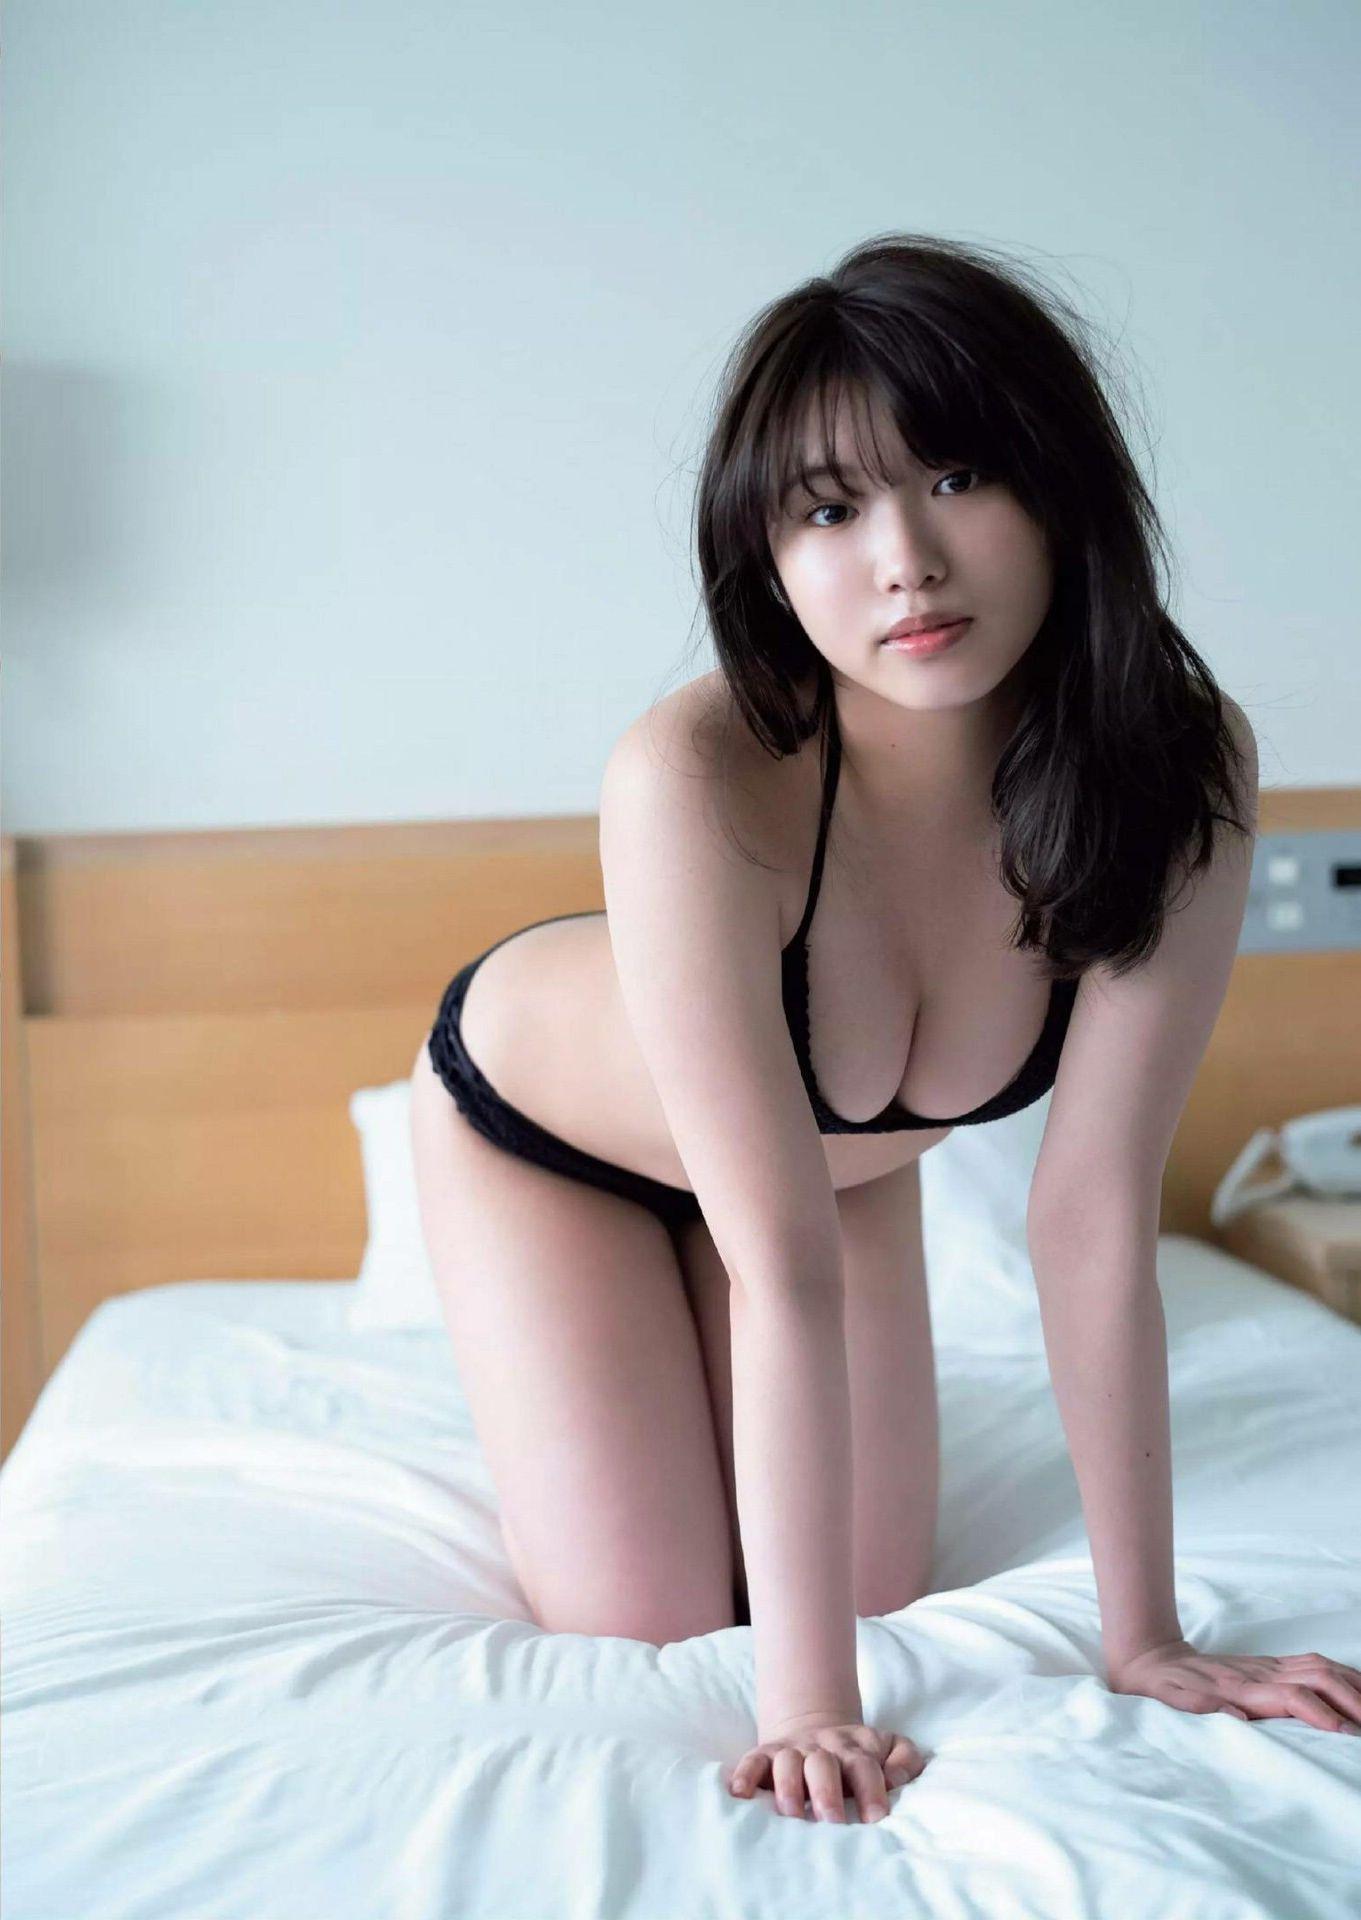 高崎加奈美 吉田爱理-Weekly Playboy-第14张图片- www.coserba.com整理发布